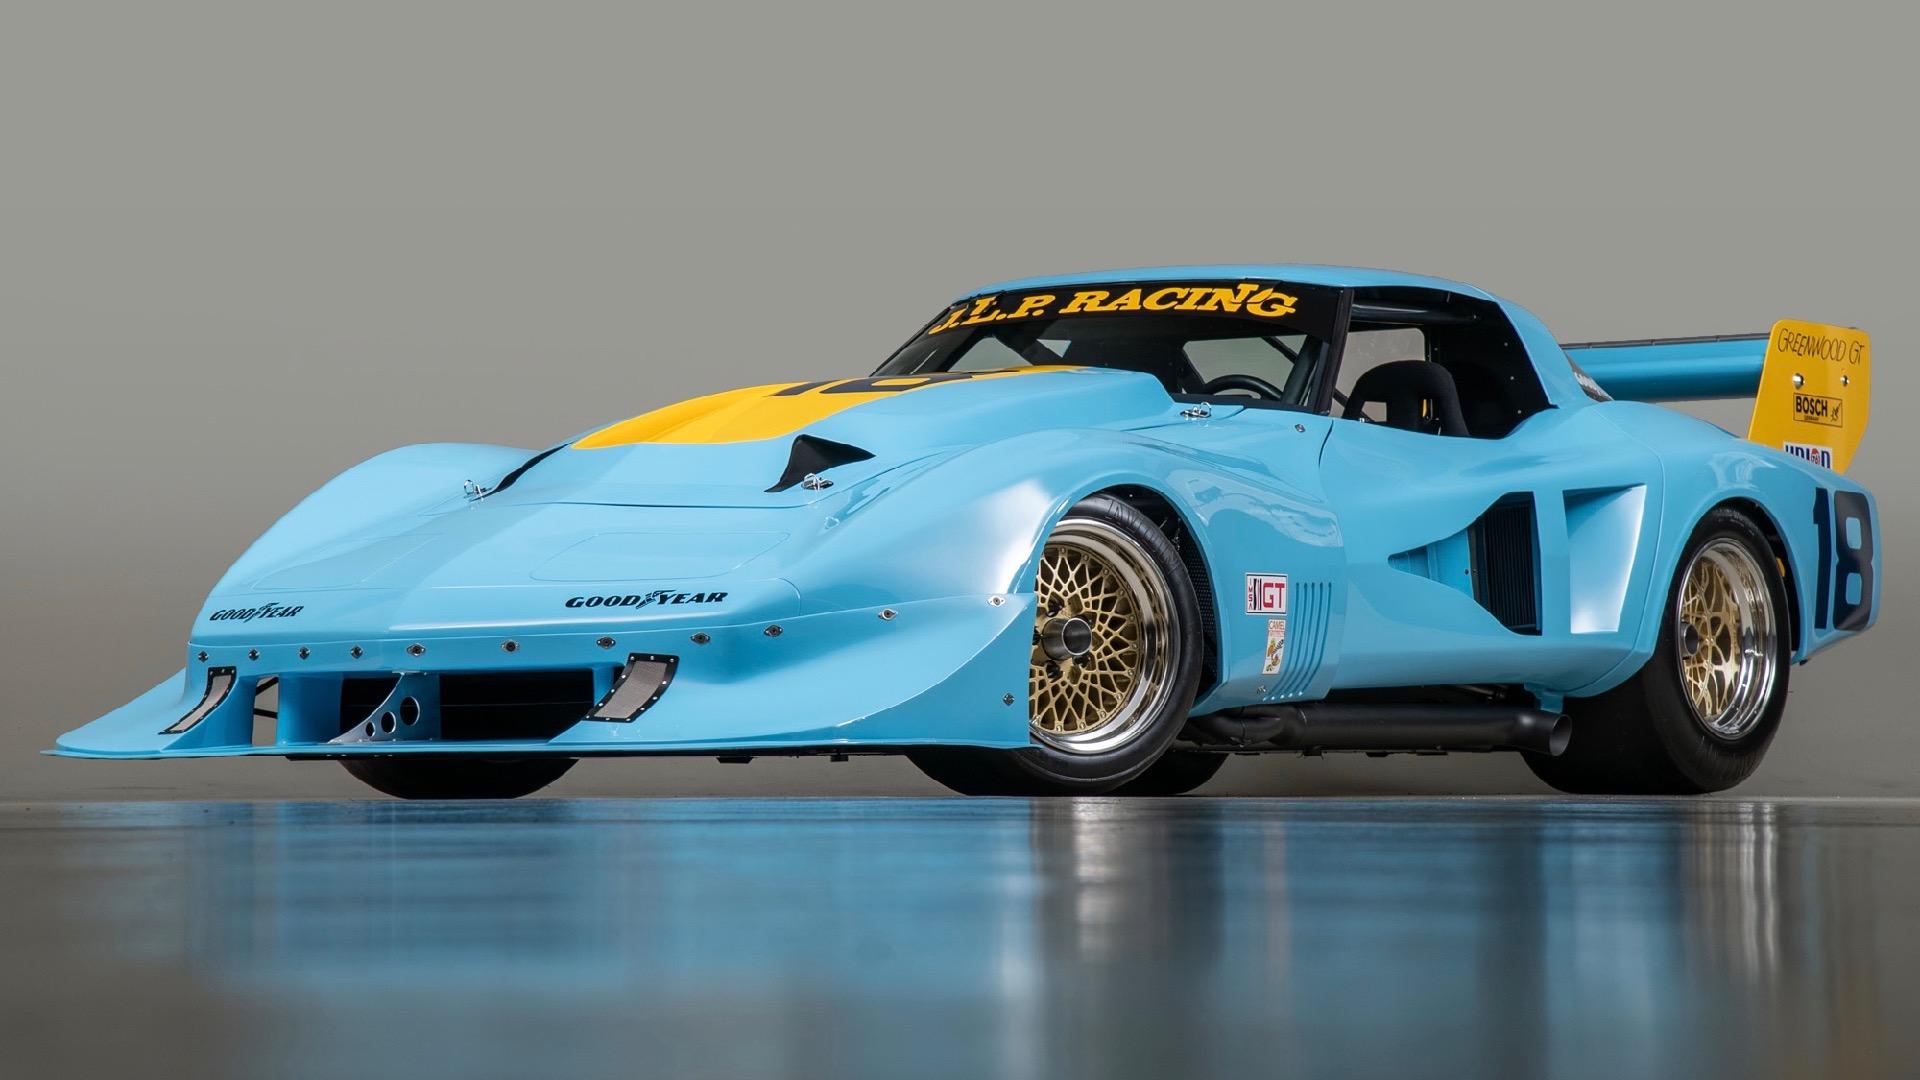 Kelebihan Kekurangan Corvette 1977 Tangguh